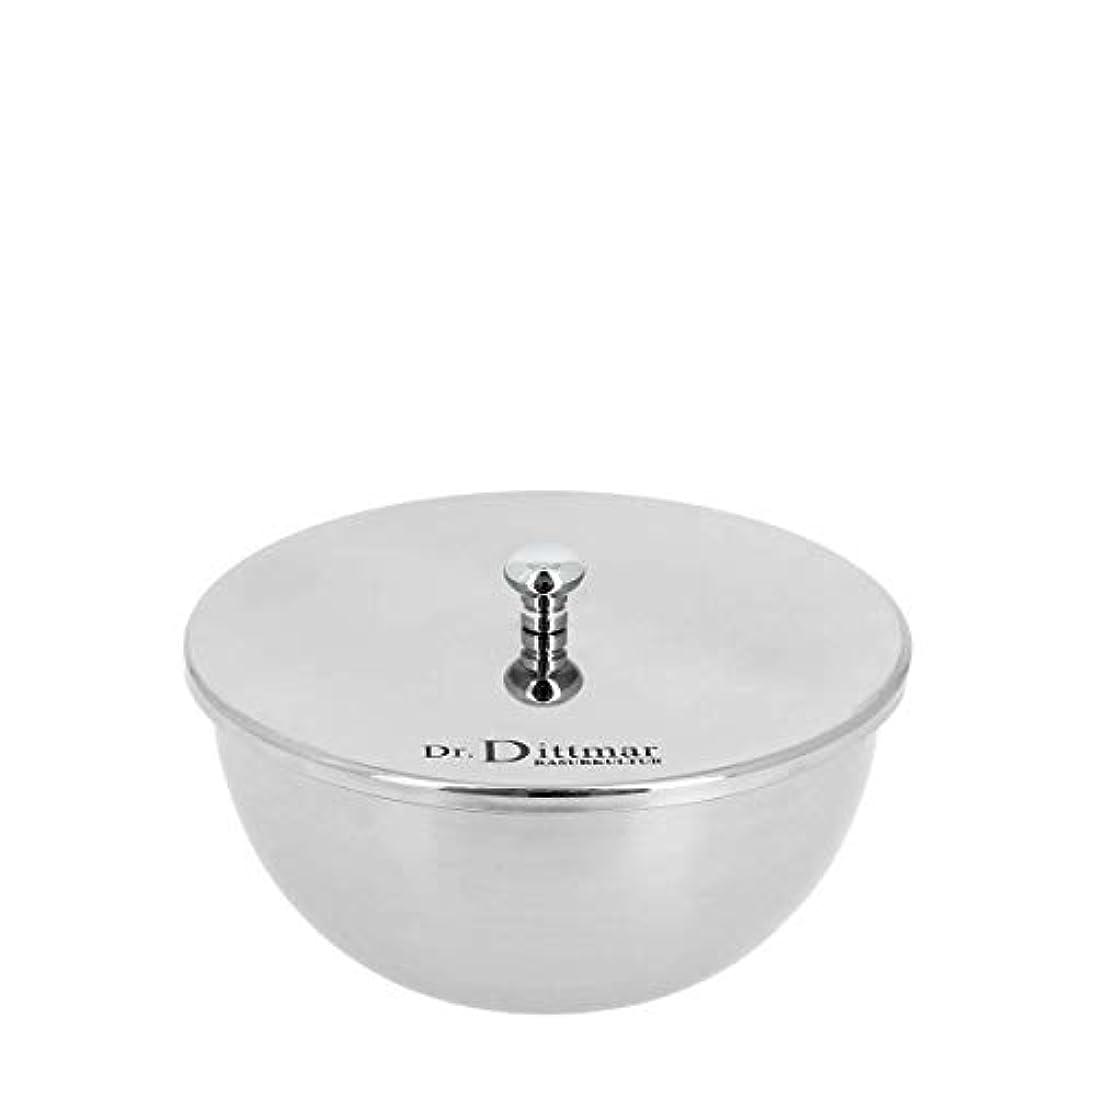 クラブディスコ偉業DR.ディットマー シェービングボウル(シェービングソープと蓋付き)(9001)[海外直送品]Dr. Dittmar Shaving Bowl with Shaving Soap and Lid (9001) [並行輸入品]